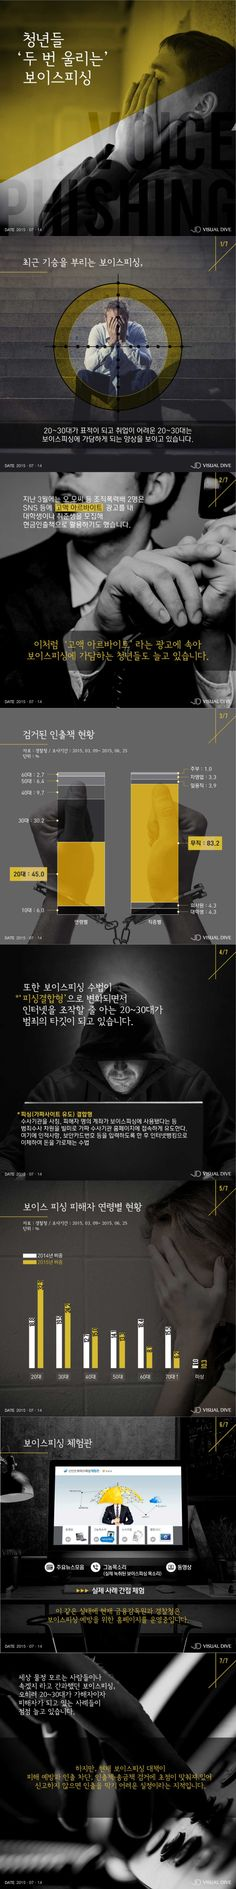 청년들 두 번 울리는 '보이스피싱' [인포그래픽] #Voice_phishing / #Infographic ⓒ 비주얼다이브 무단 복사·전재·재배포 금지 Ppt Template, Templates, Web Design Websites, Korea Design, Visualisation, Pictogram, Infographics, Layouts, Editorial